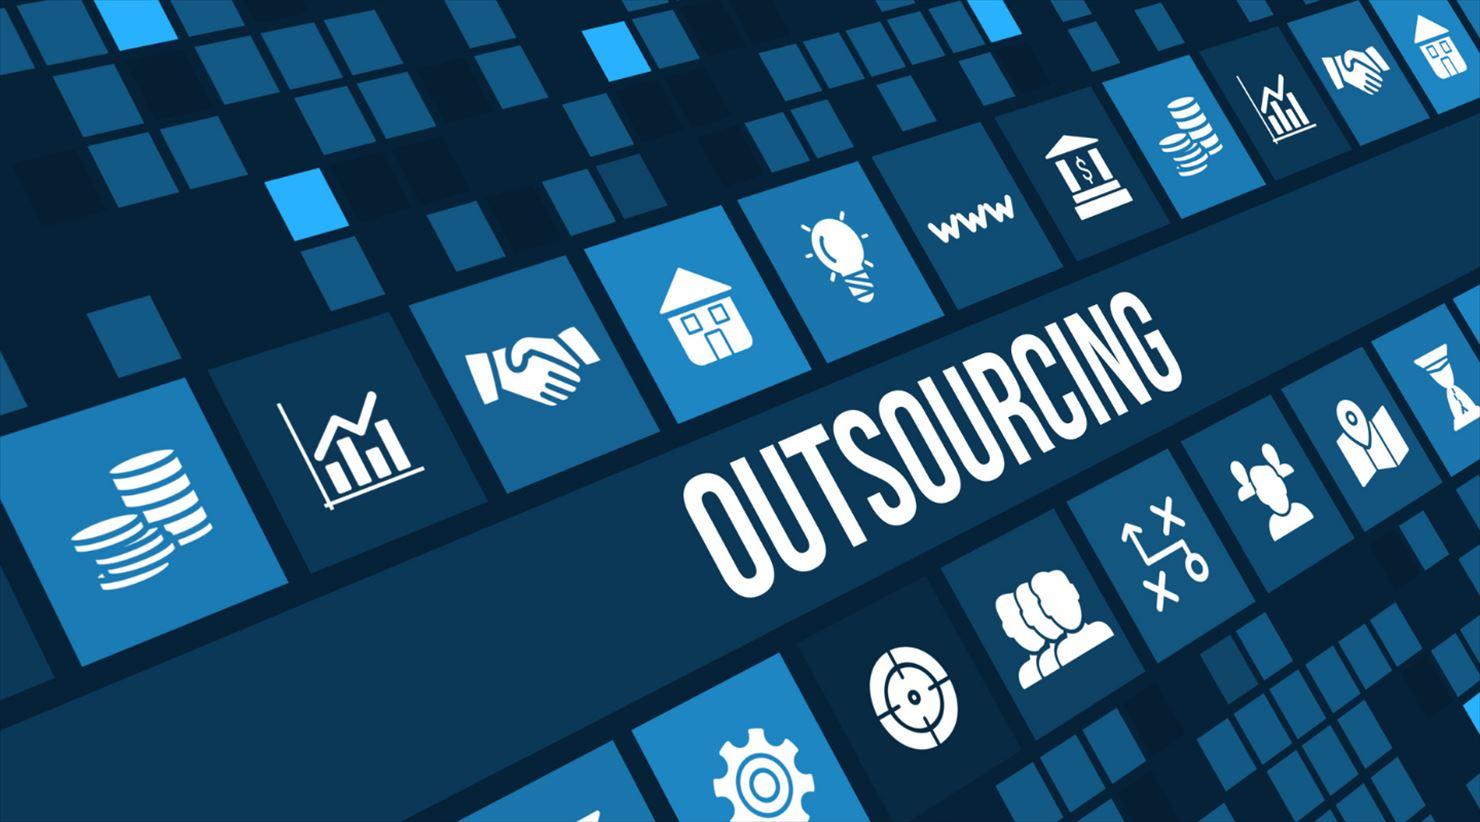 バックオフィス業務を東南アジアからサポートイメージ